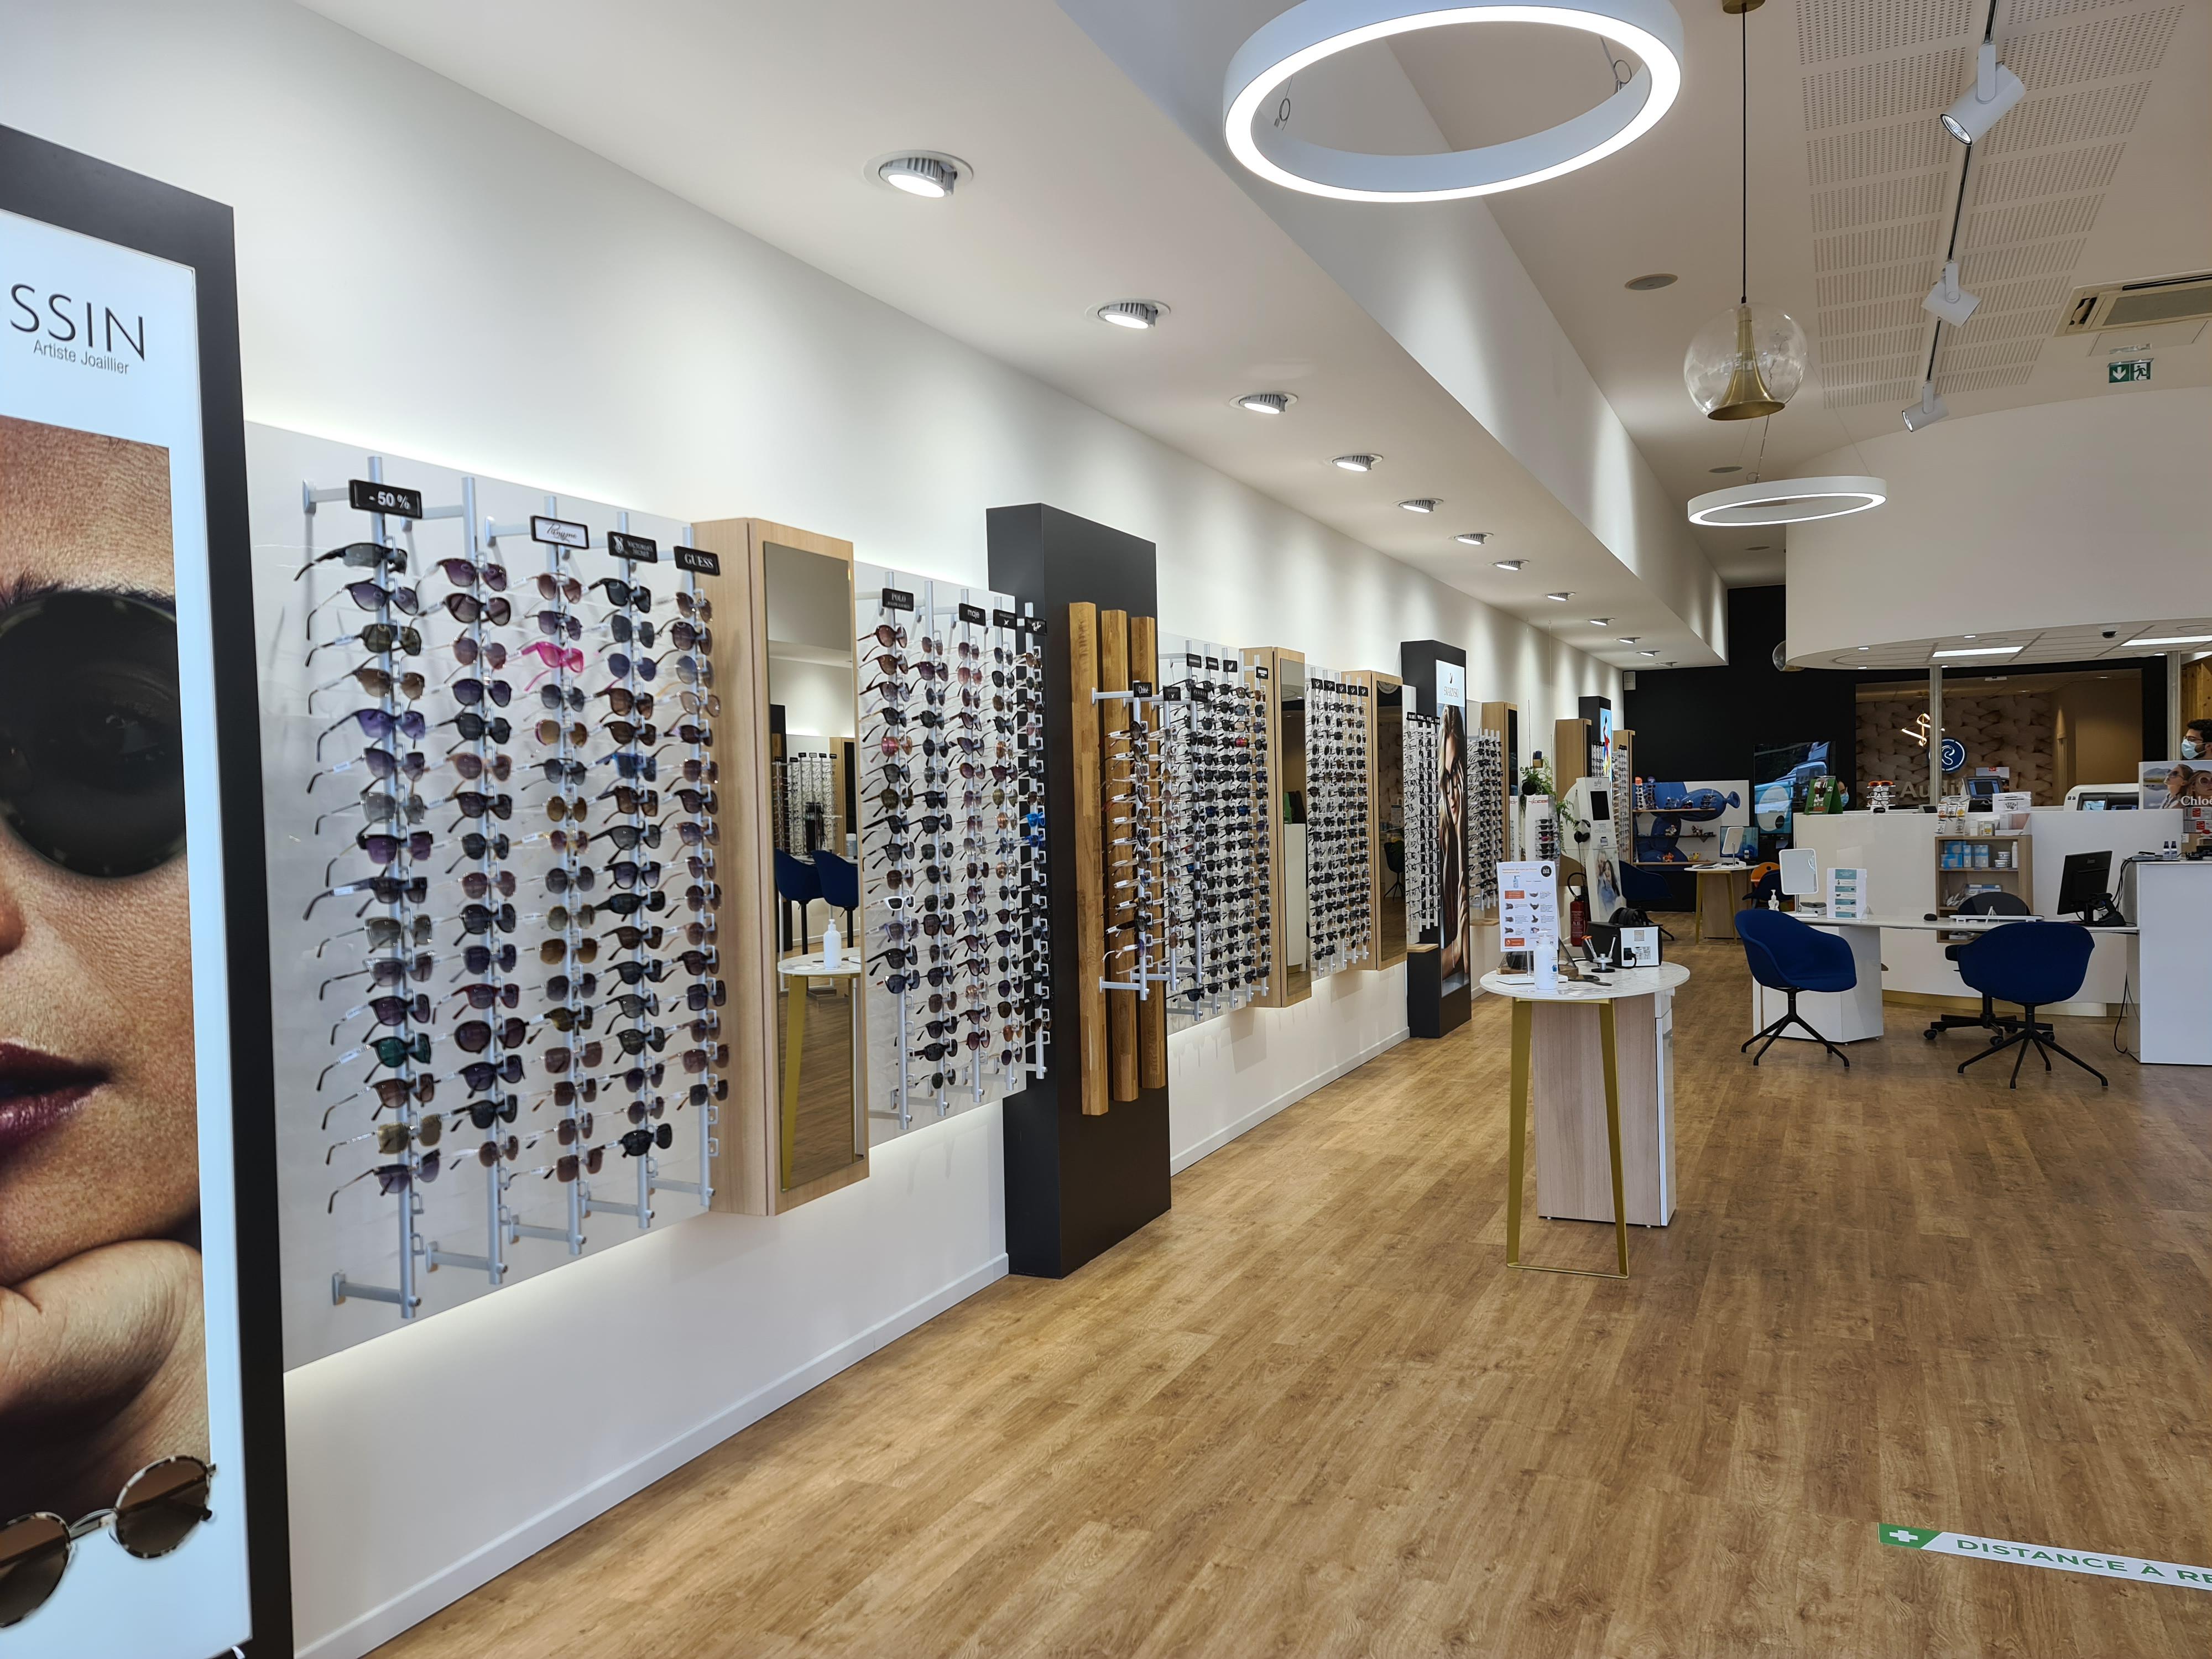 Opticien Optic 2000 Valence Plateau des Couleures - Lunettes, lunettes de soleil, lentilles